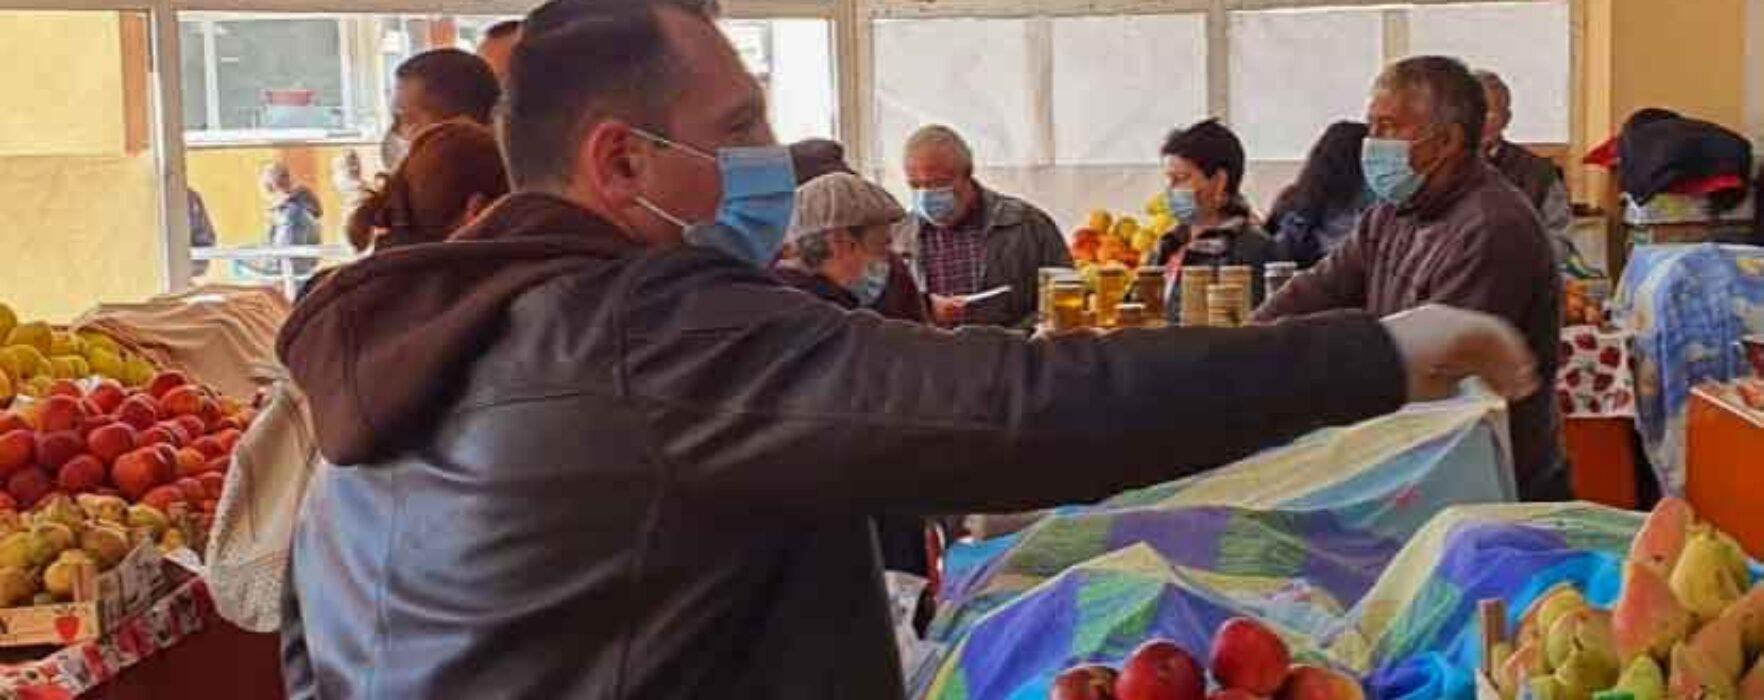 Târgovişte: Comercianţii din Piaţa 1 Mai, mutaţi în afara pieţei, în urma deciziei guvernului de a închide pieţele